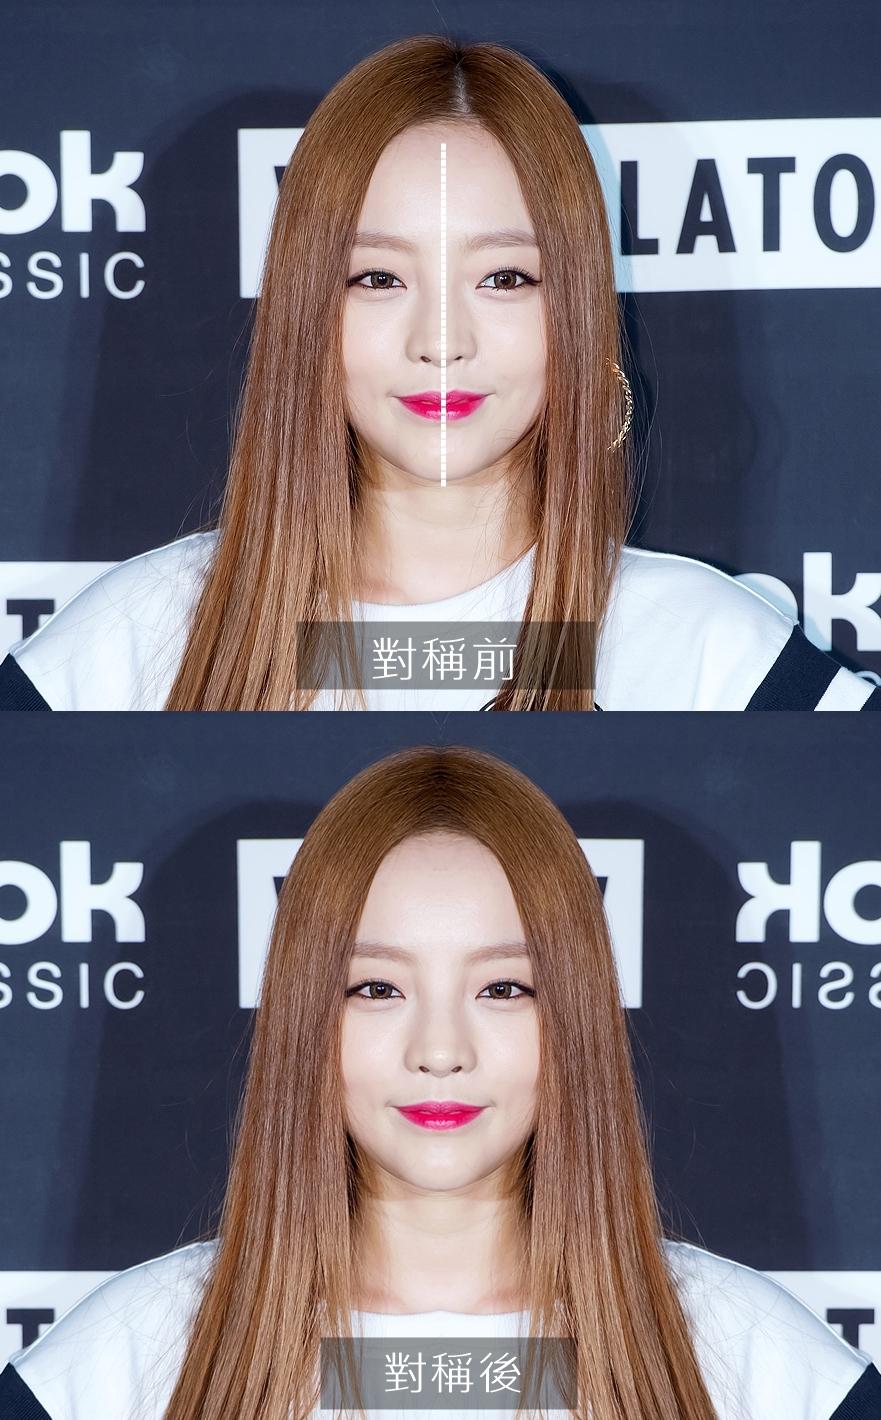 但是將左臉也改成右臉,對稱後看起來...怎麼有點變成肉餅臉?